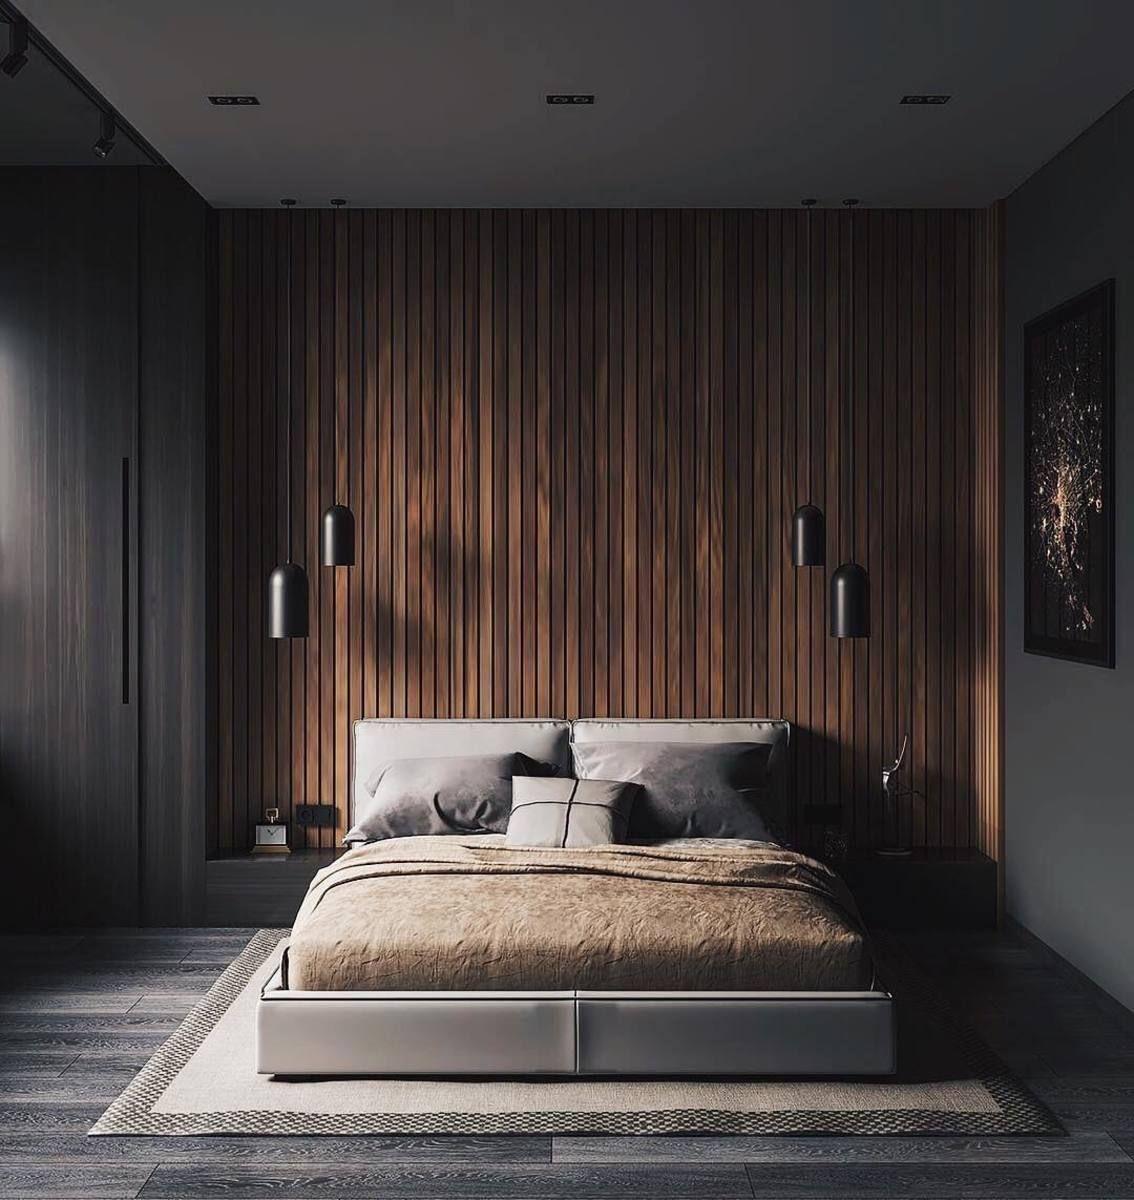 Amazing Bedroom Interior Design Ideas To Try36